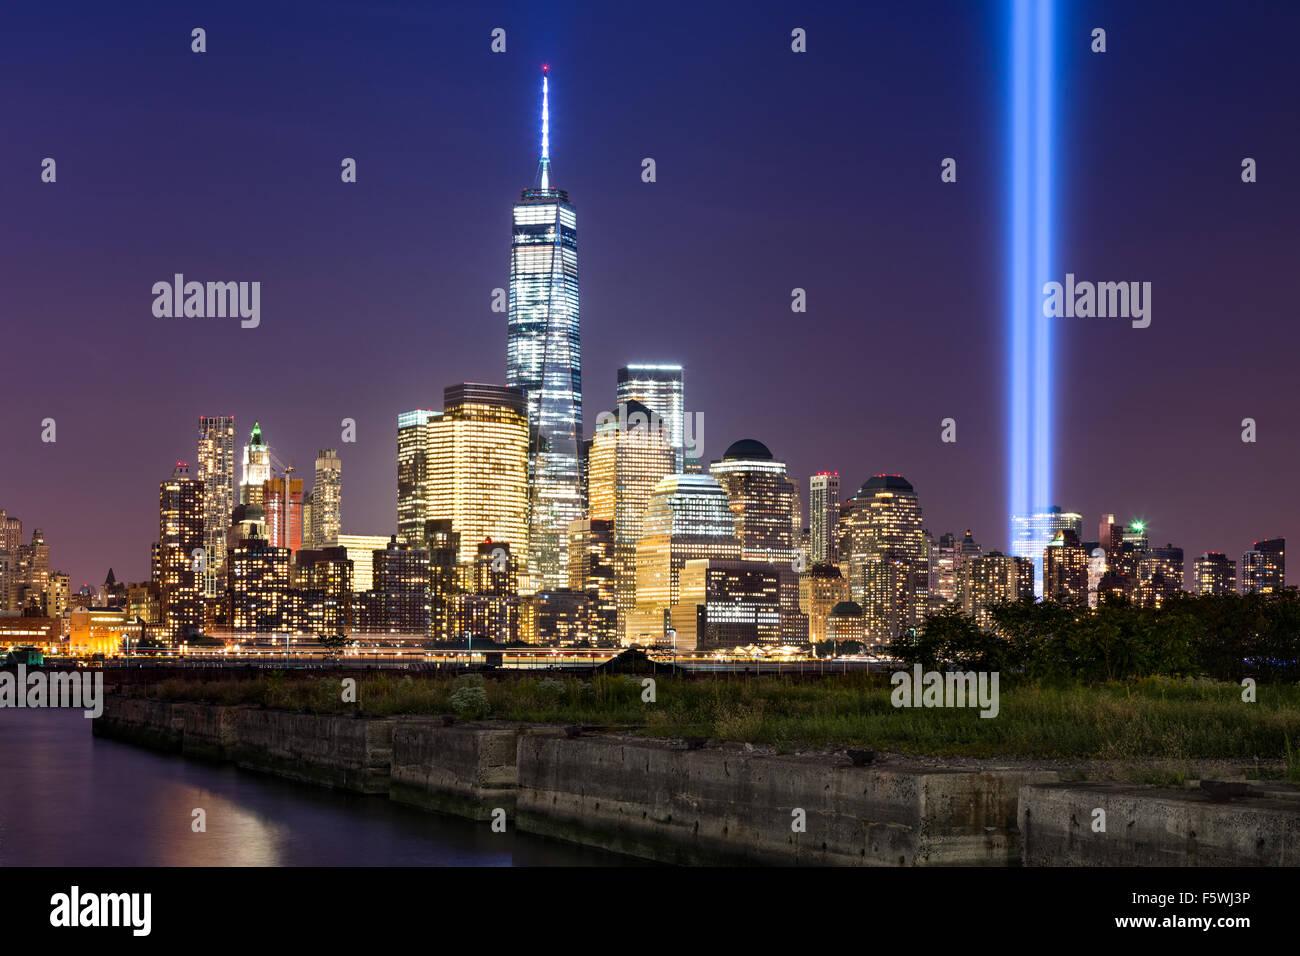 Tribute in Light, erheben sich zwei vertikale Lichtsäulen über Lower Manhattan angrenzend an das neue Stockbild